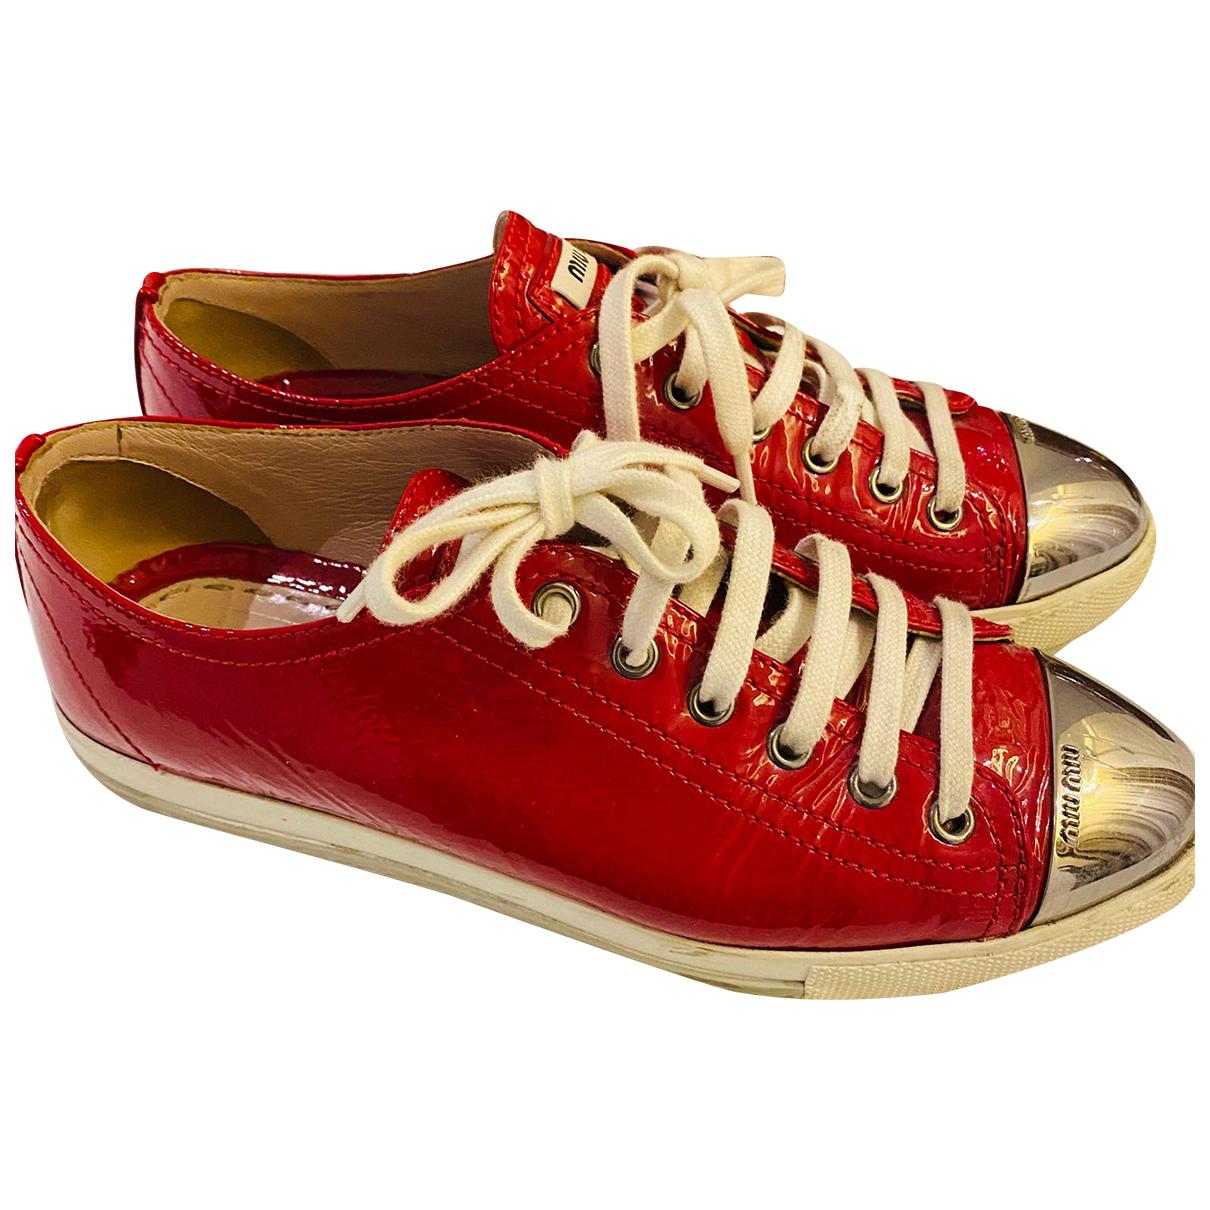 Miu Miu \N Sneakers in  Rot Lackleder